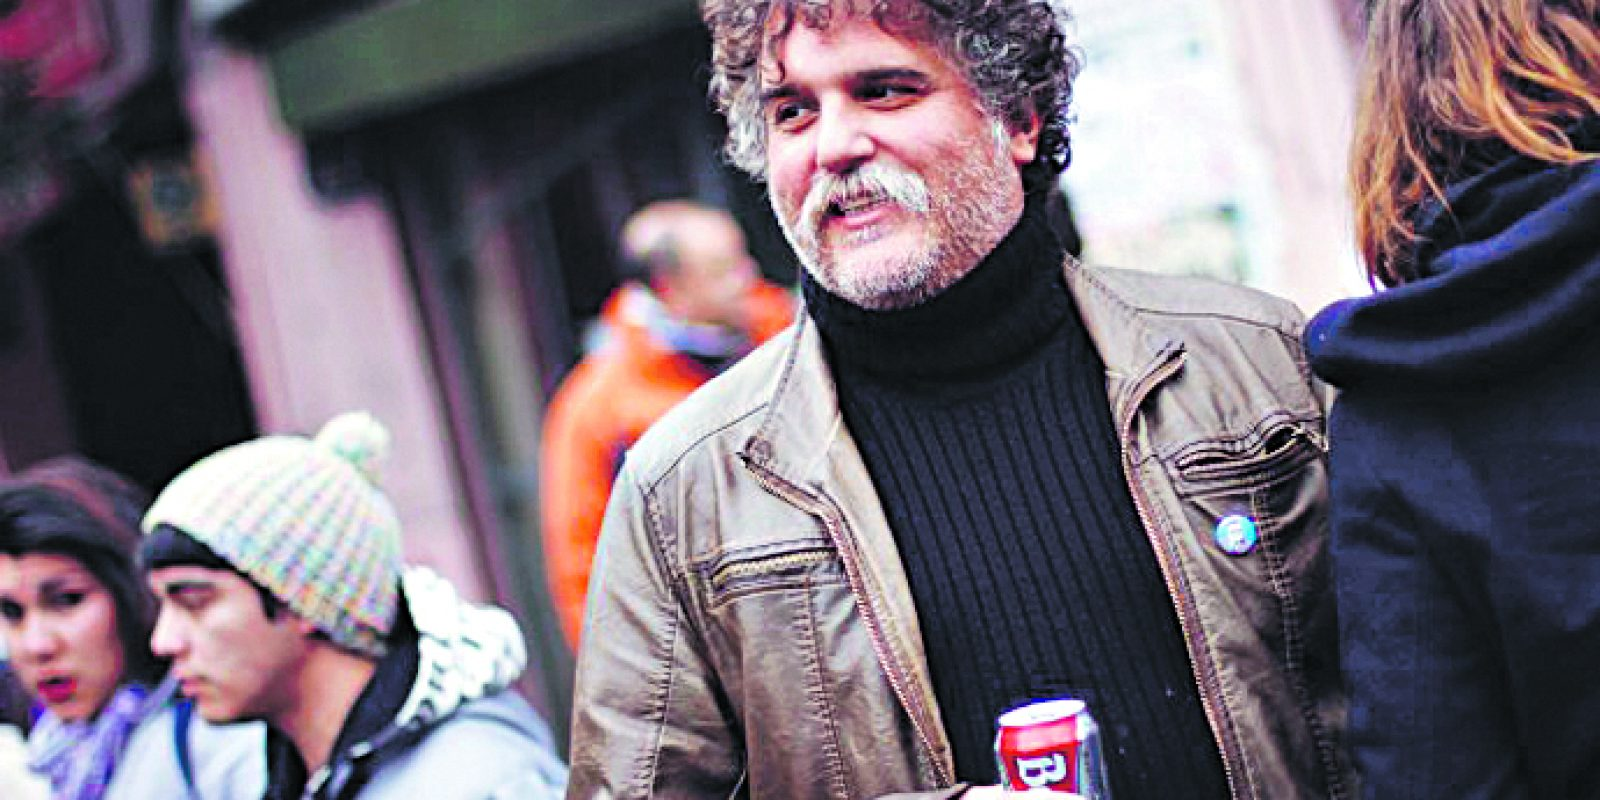 . Imagen Por: AgenciaUno